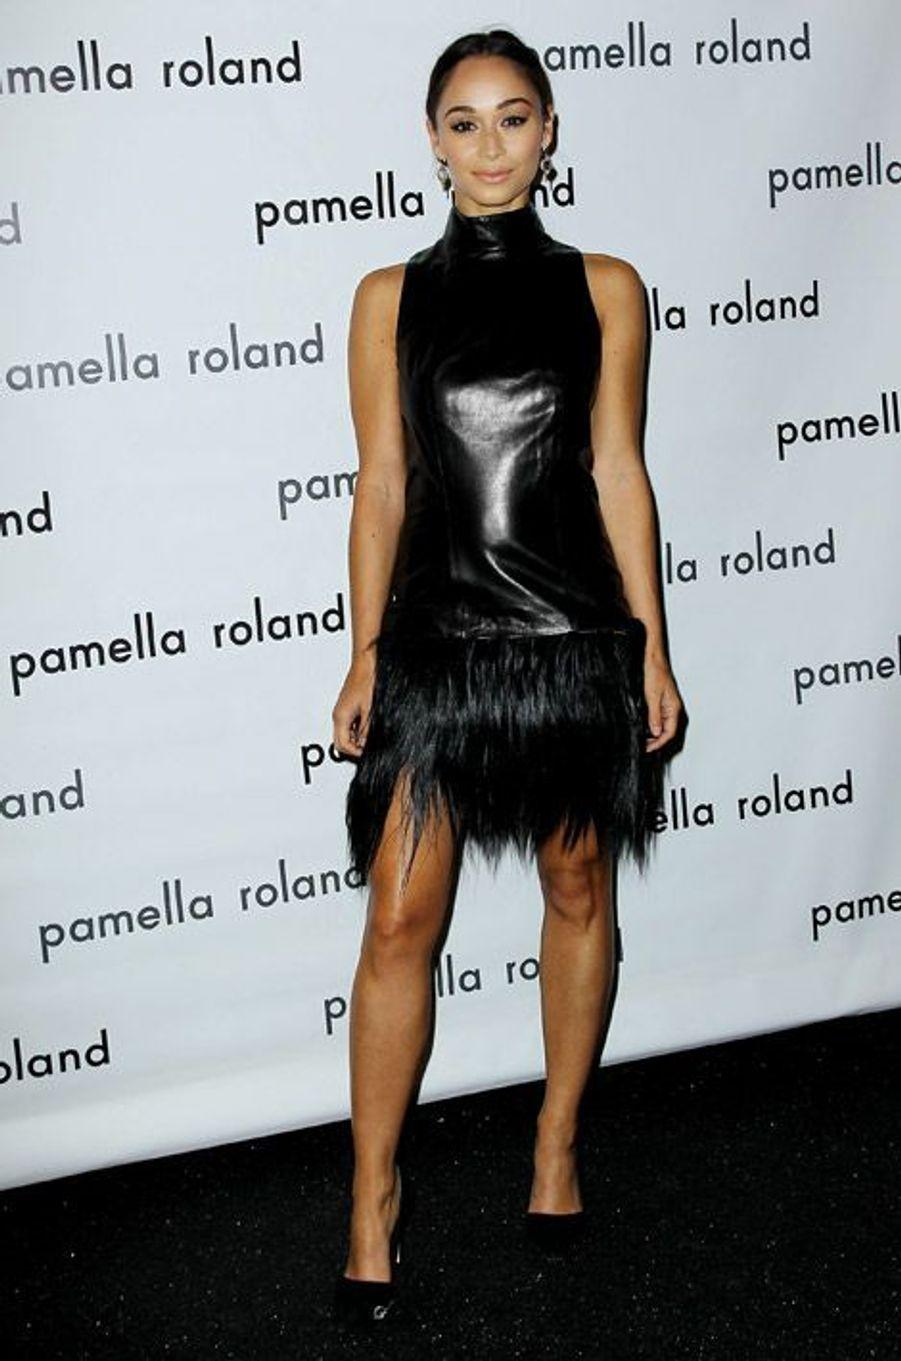 L'actrice Cara Santana au défilé Pamella Roland à New York, le 9 septembre 2014